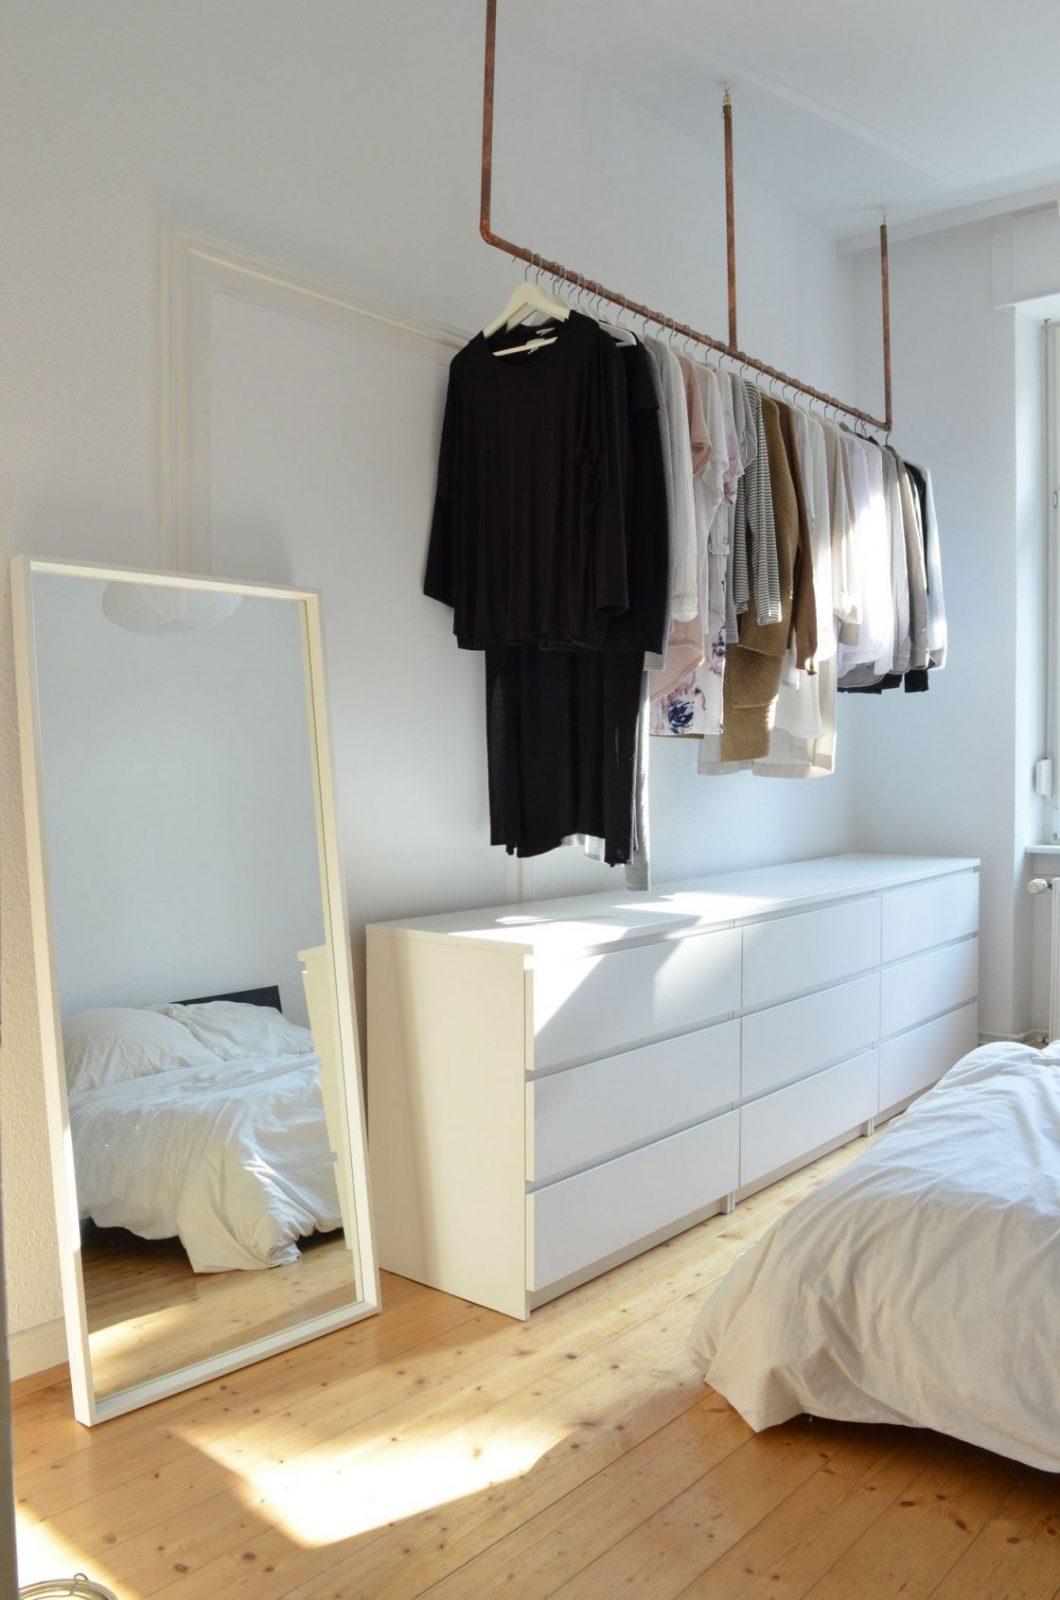 Garderoben Selber Bauen Die Besten Ideen Und Diytipps von Garderobenständer Holz Selber Bauen Photo